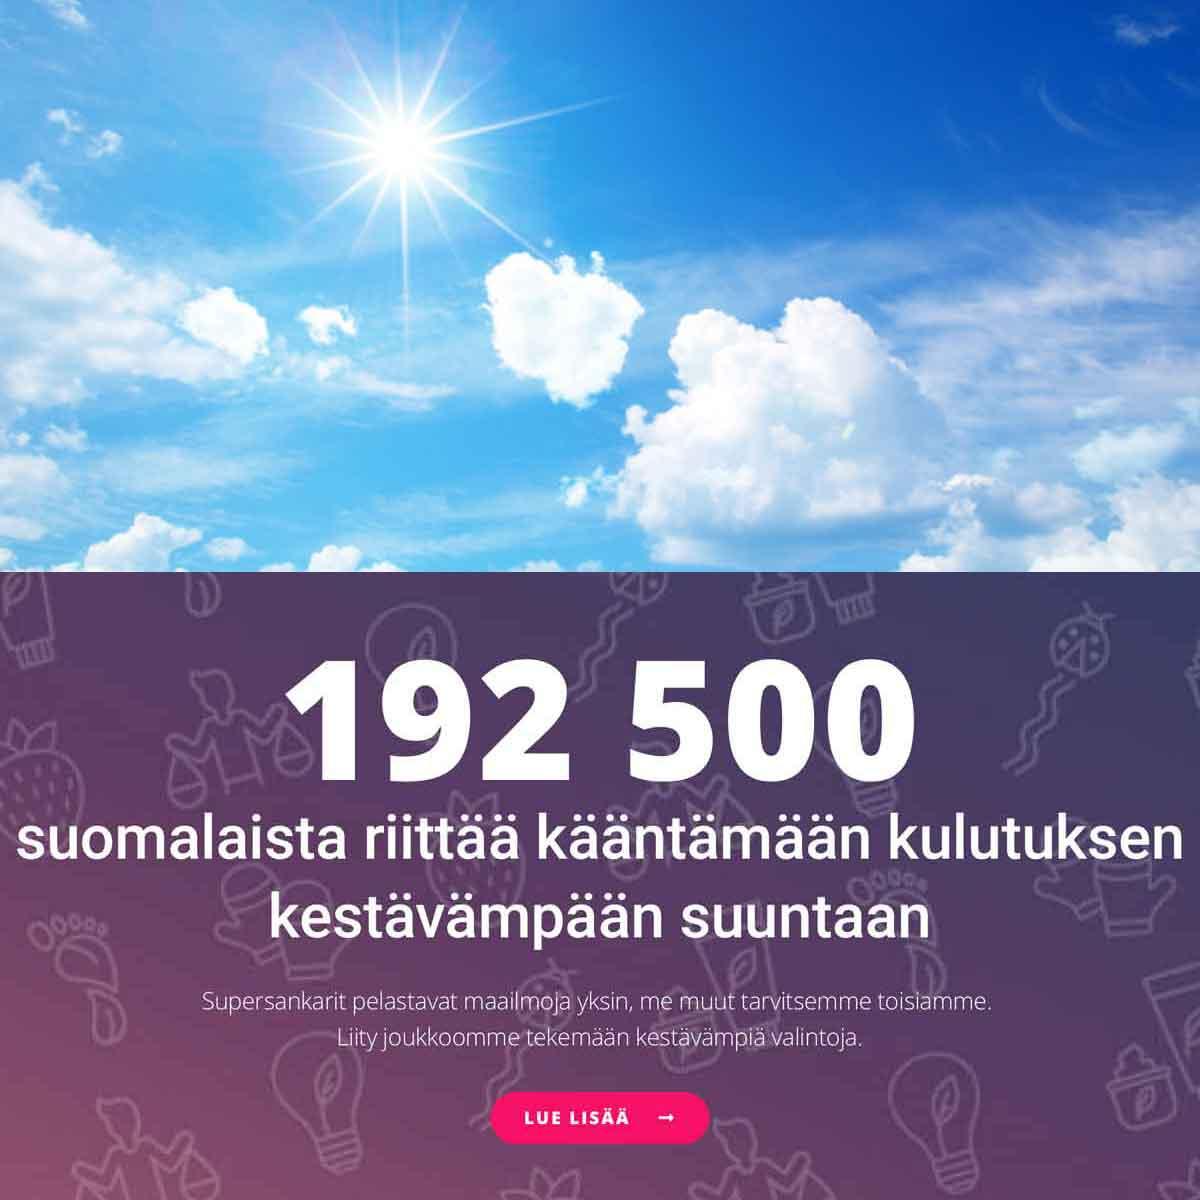 Perho LTO ostavastuullisesti.fi:n kumppanina